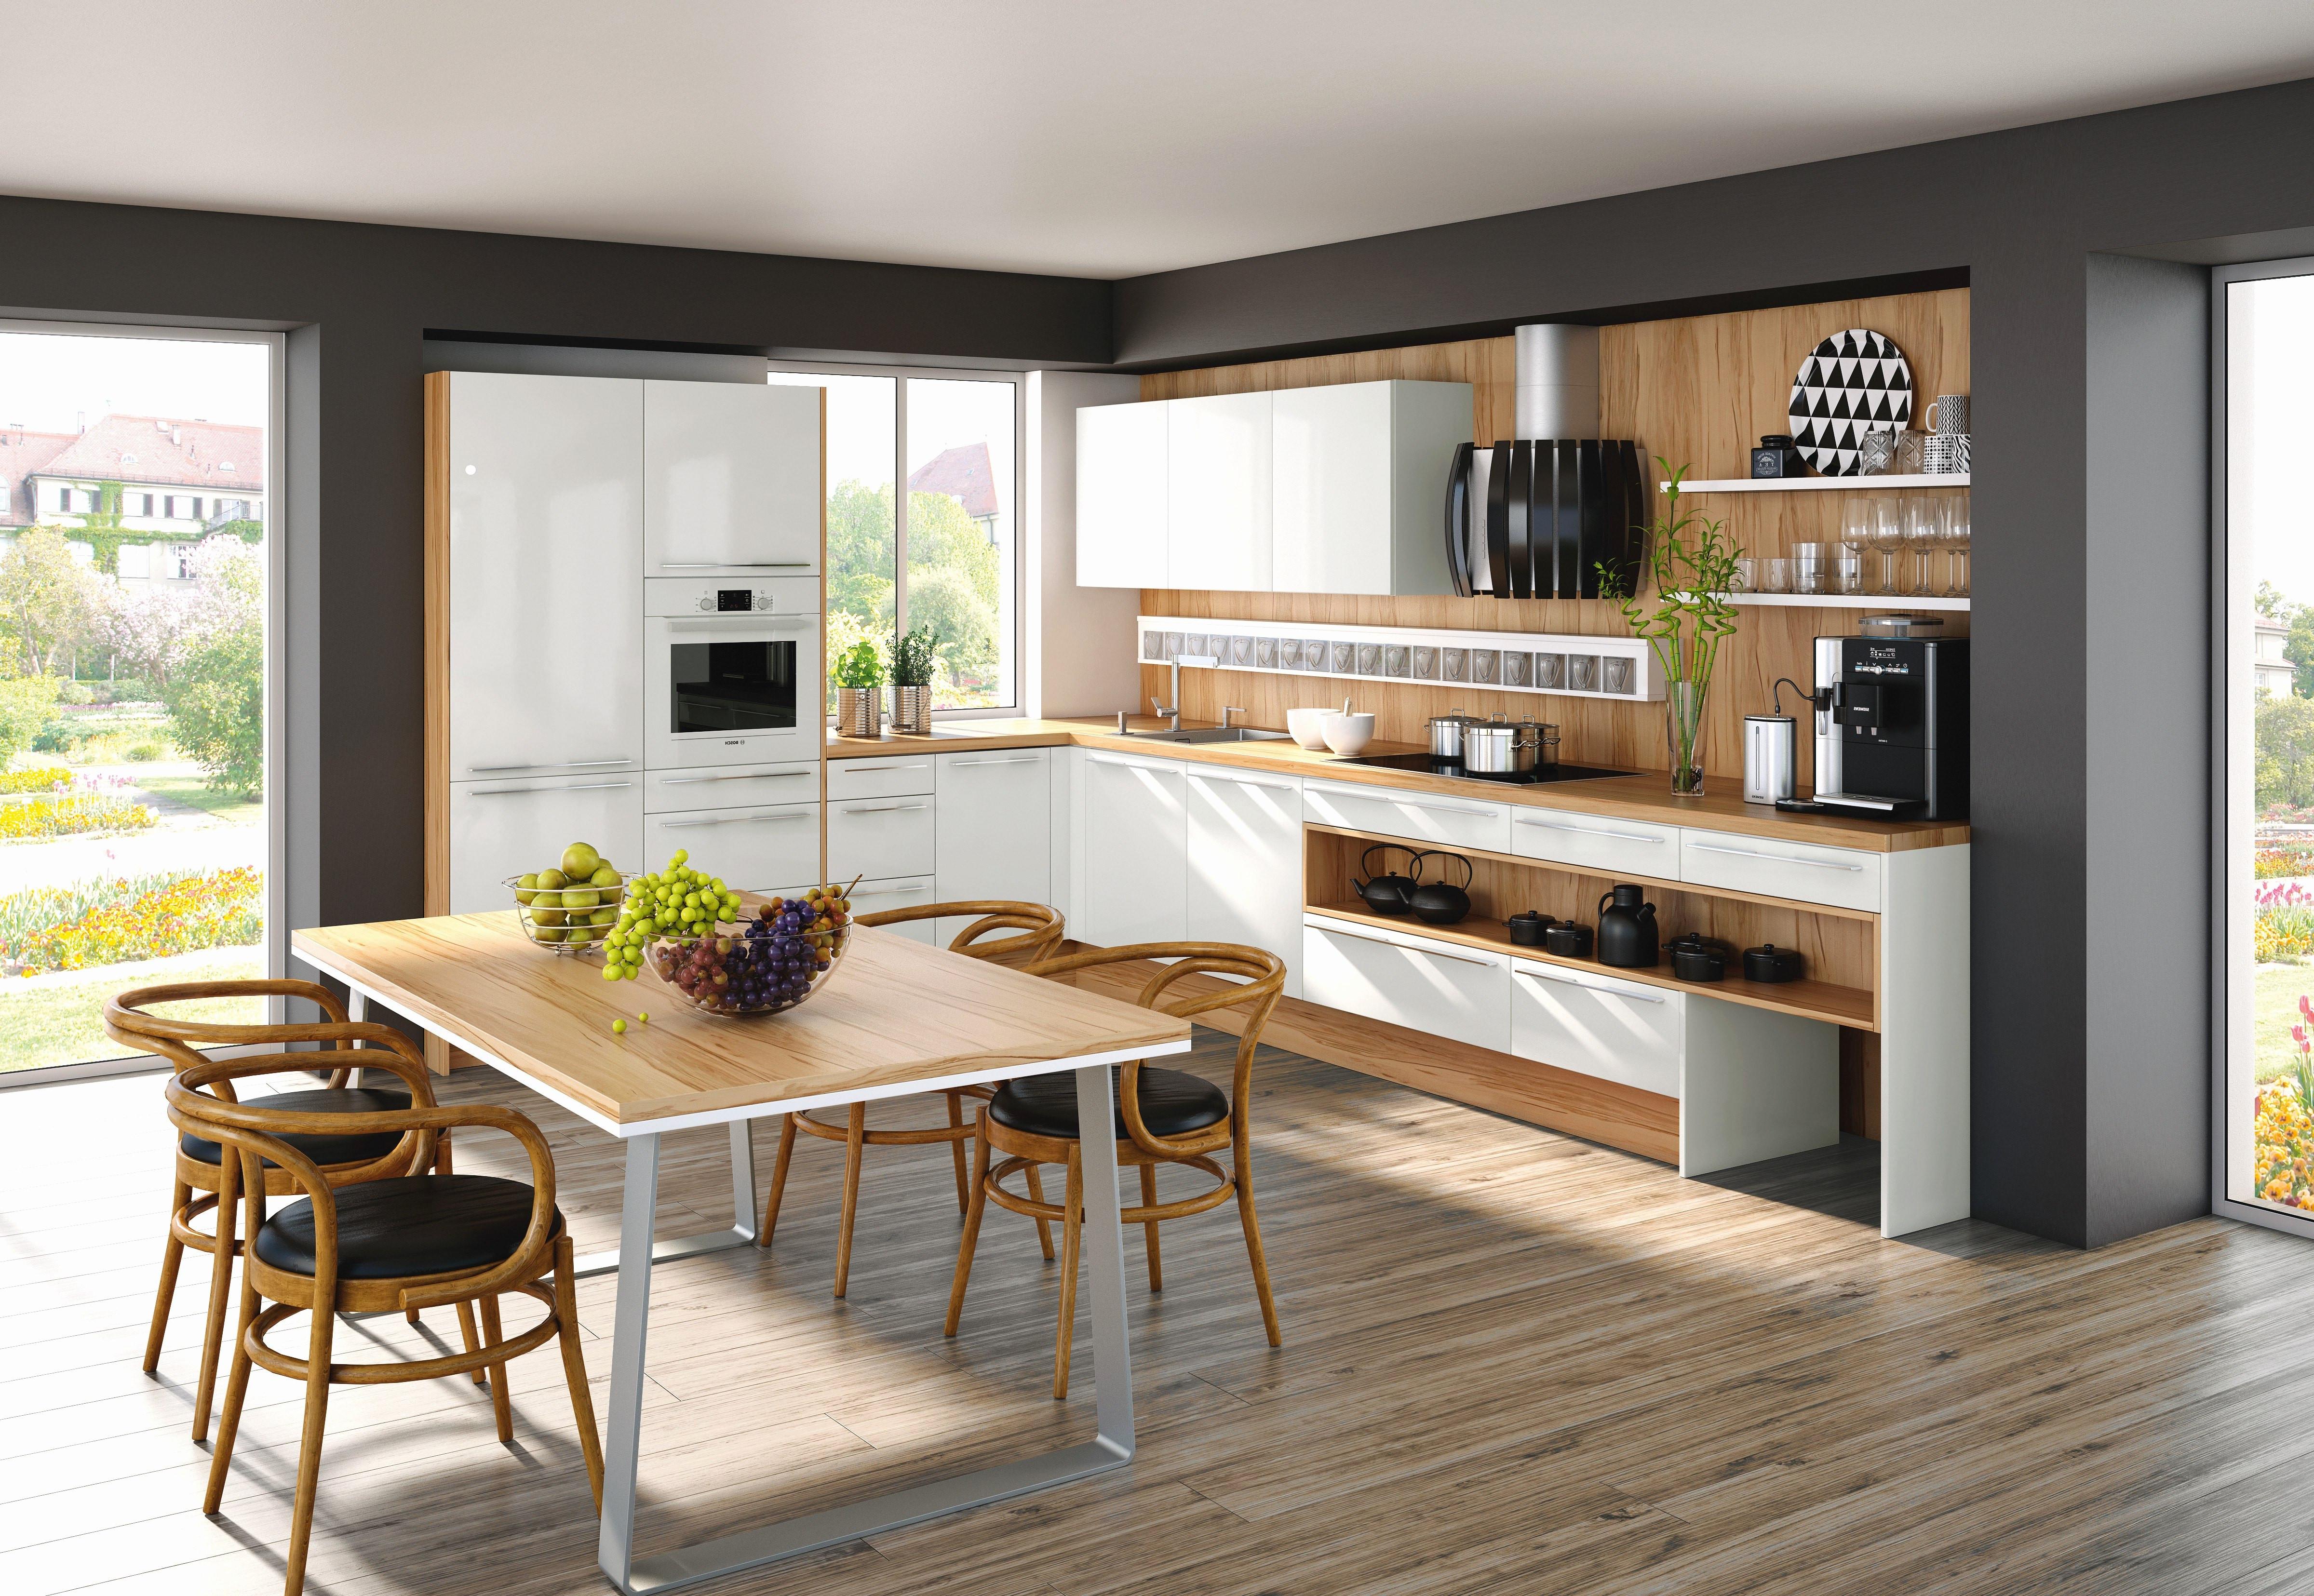 Küche Kaufen Roller  Küchen Bei Roller Kaufen Großartig atemberaubende